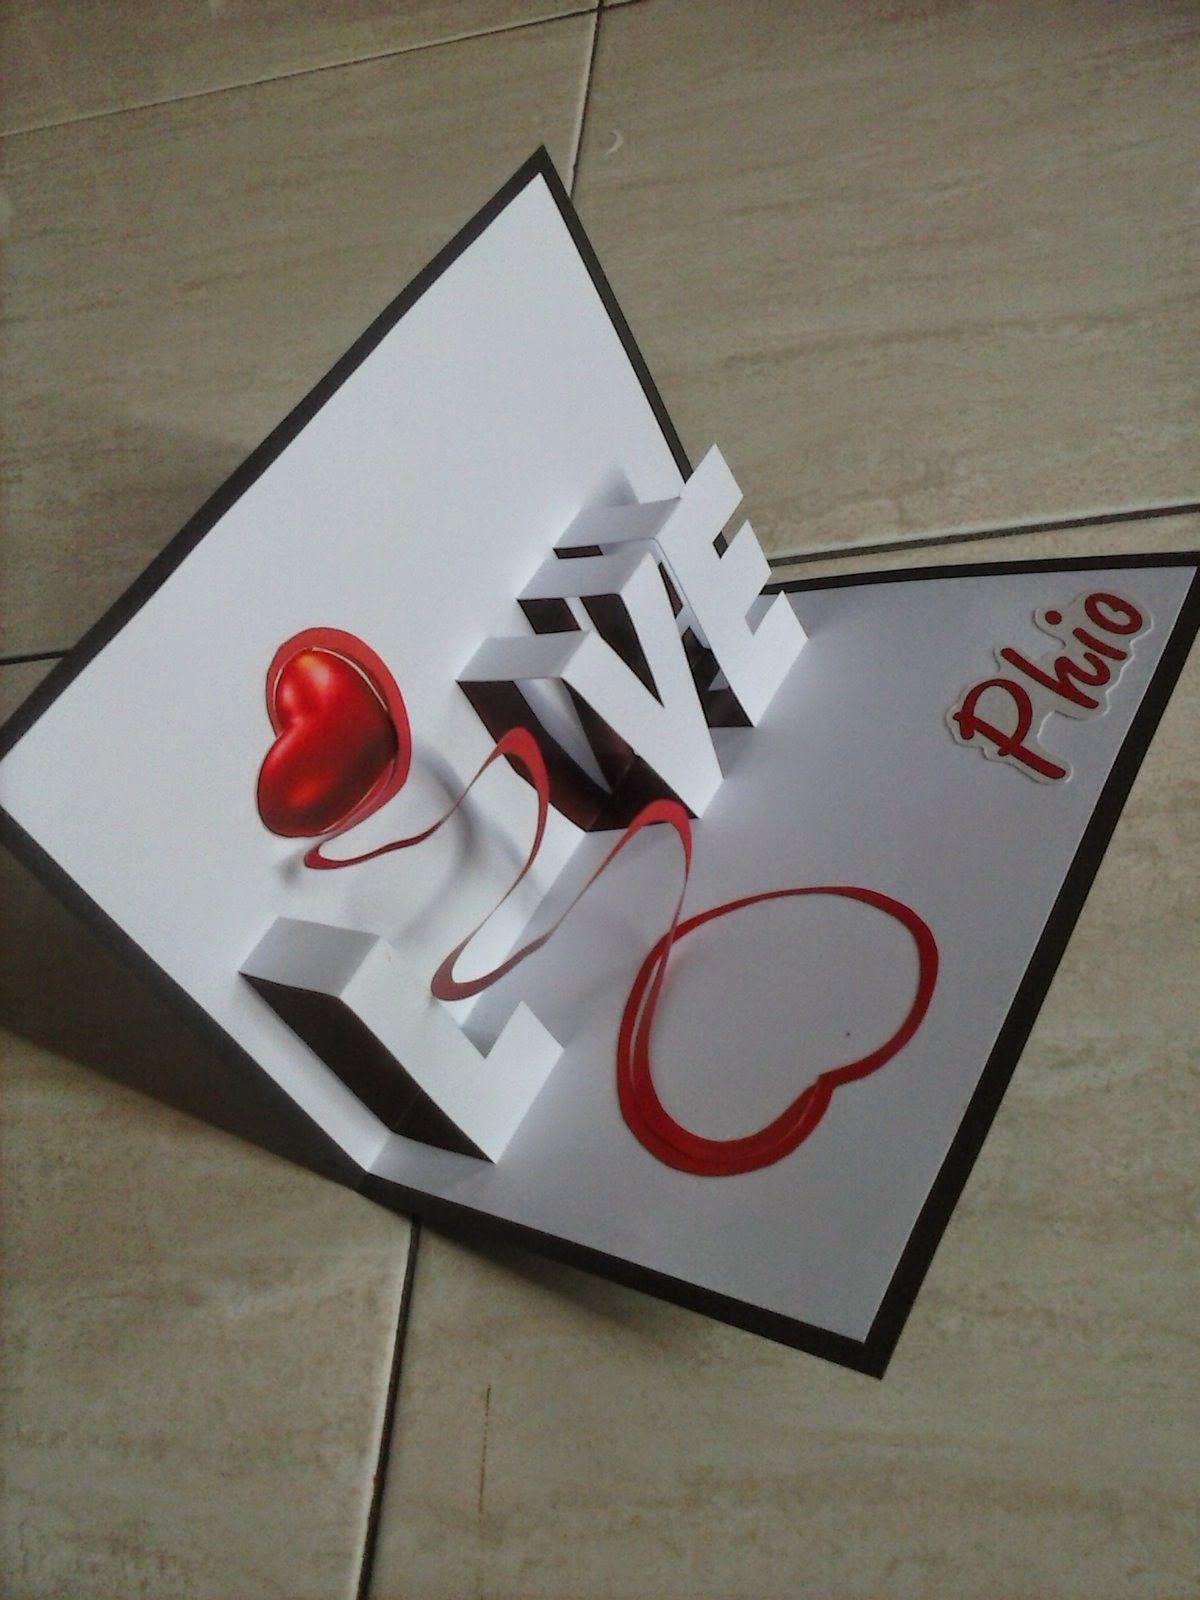 List of top bingkai kartu ucapan images - Kartu Ucapan Pop Up Anniversary Pemesanan 085783525900 Bbm 5157e169